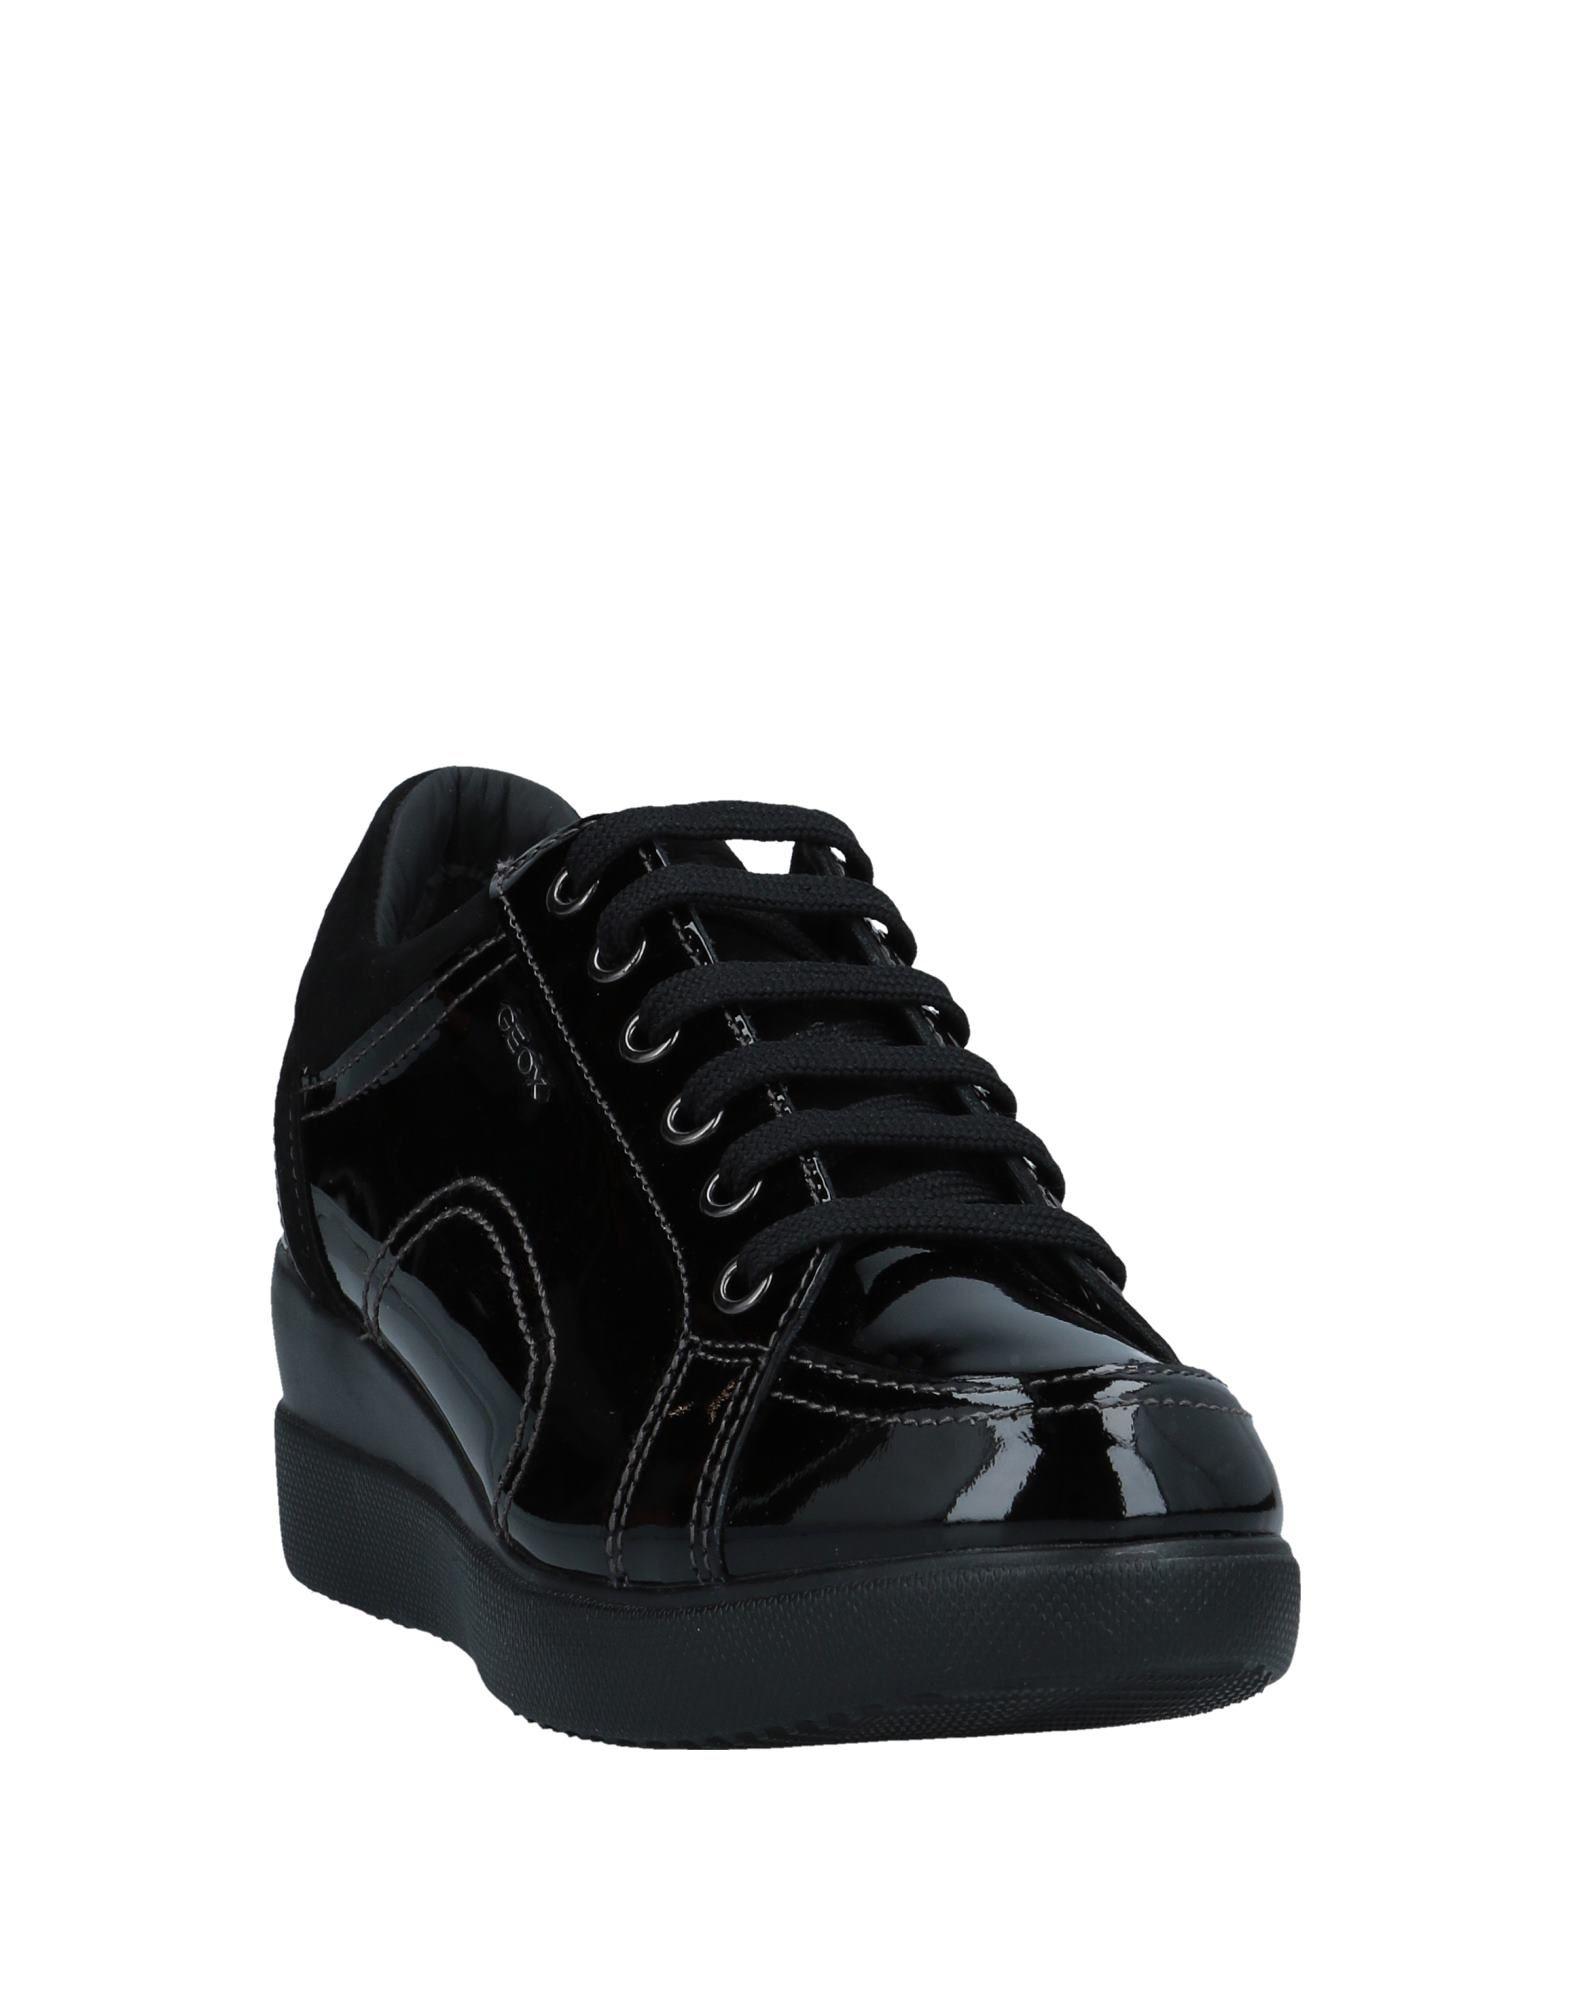 Sneakers Geox Donna - 11547844IL 11547844IL - elegante d7ca52